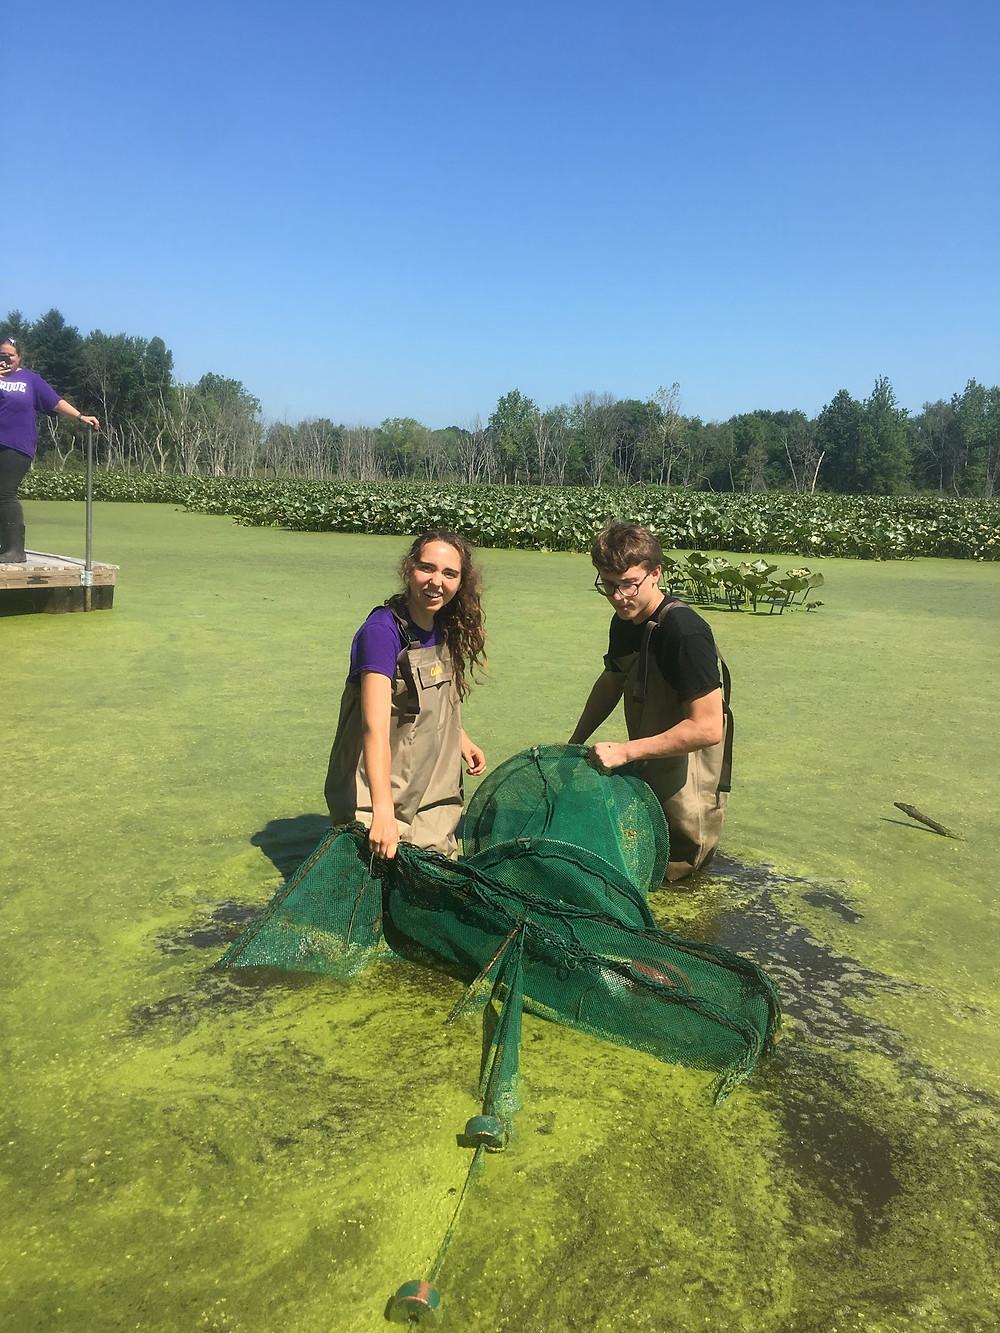 Jenny and Reece pulling in a fyke net